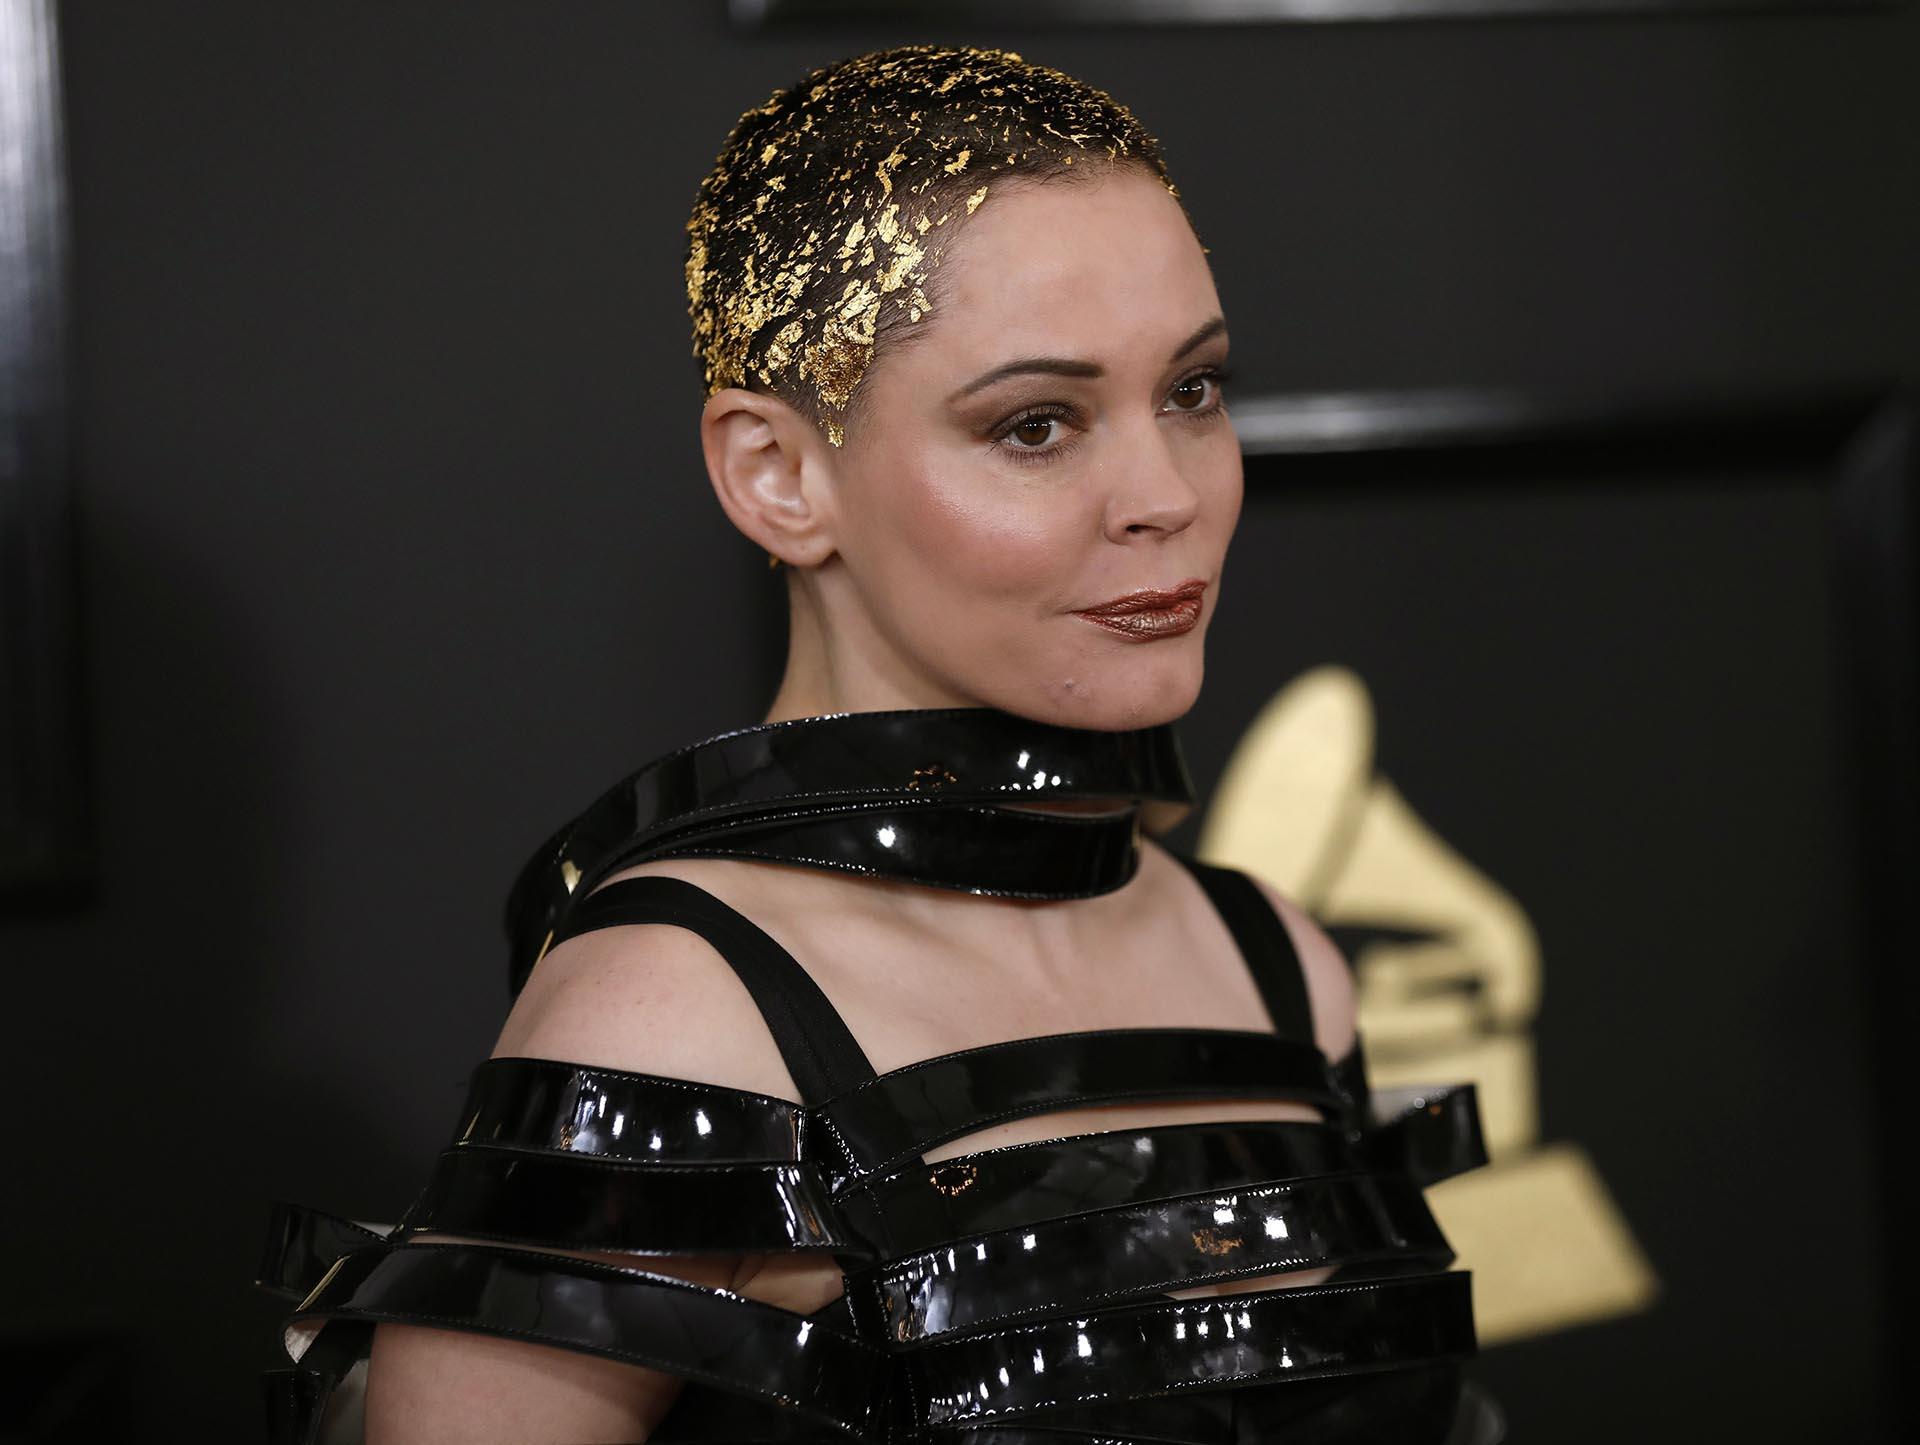 La actriz Rose McGowan impactó con su peinado con papel dorado en el cabello corto y el atuendo con cintas acharoladas de vinilo en la parte superior del top